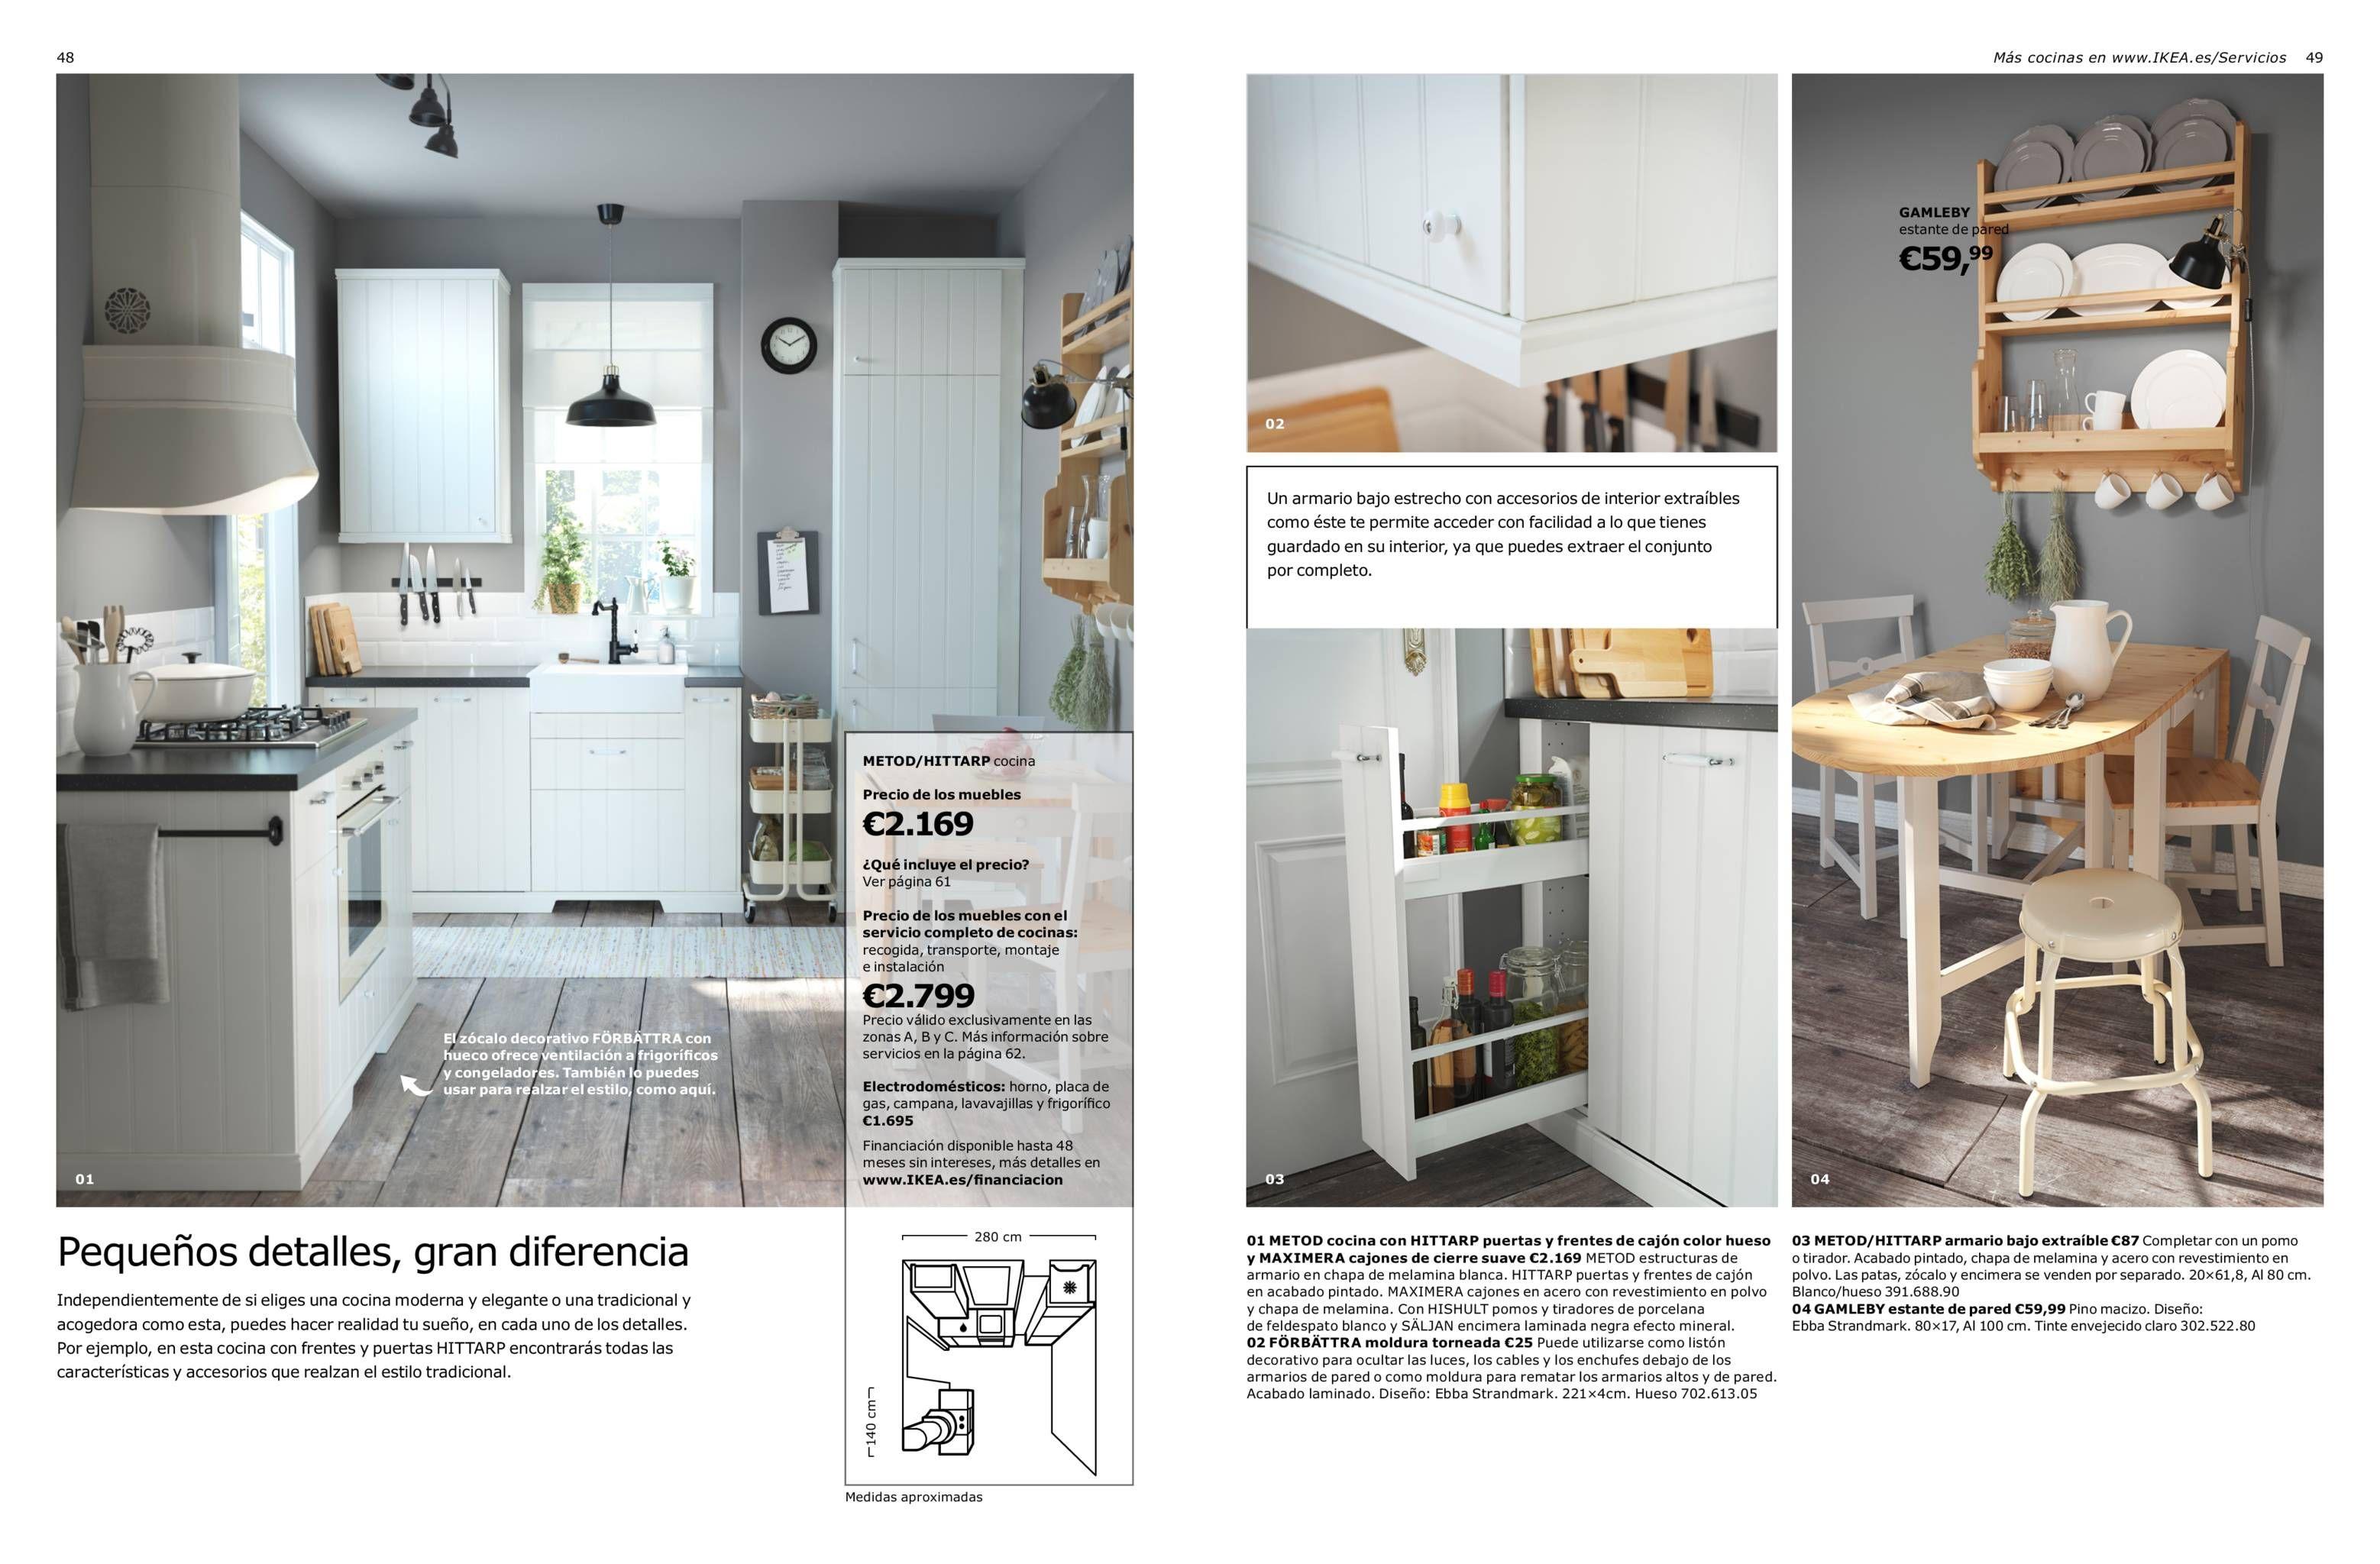 Image Of Mueble Bajo Cocina Aki Armario bajo puerta para cocina en ...